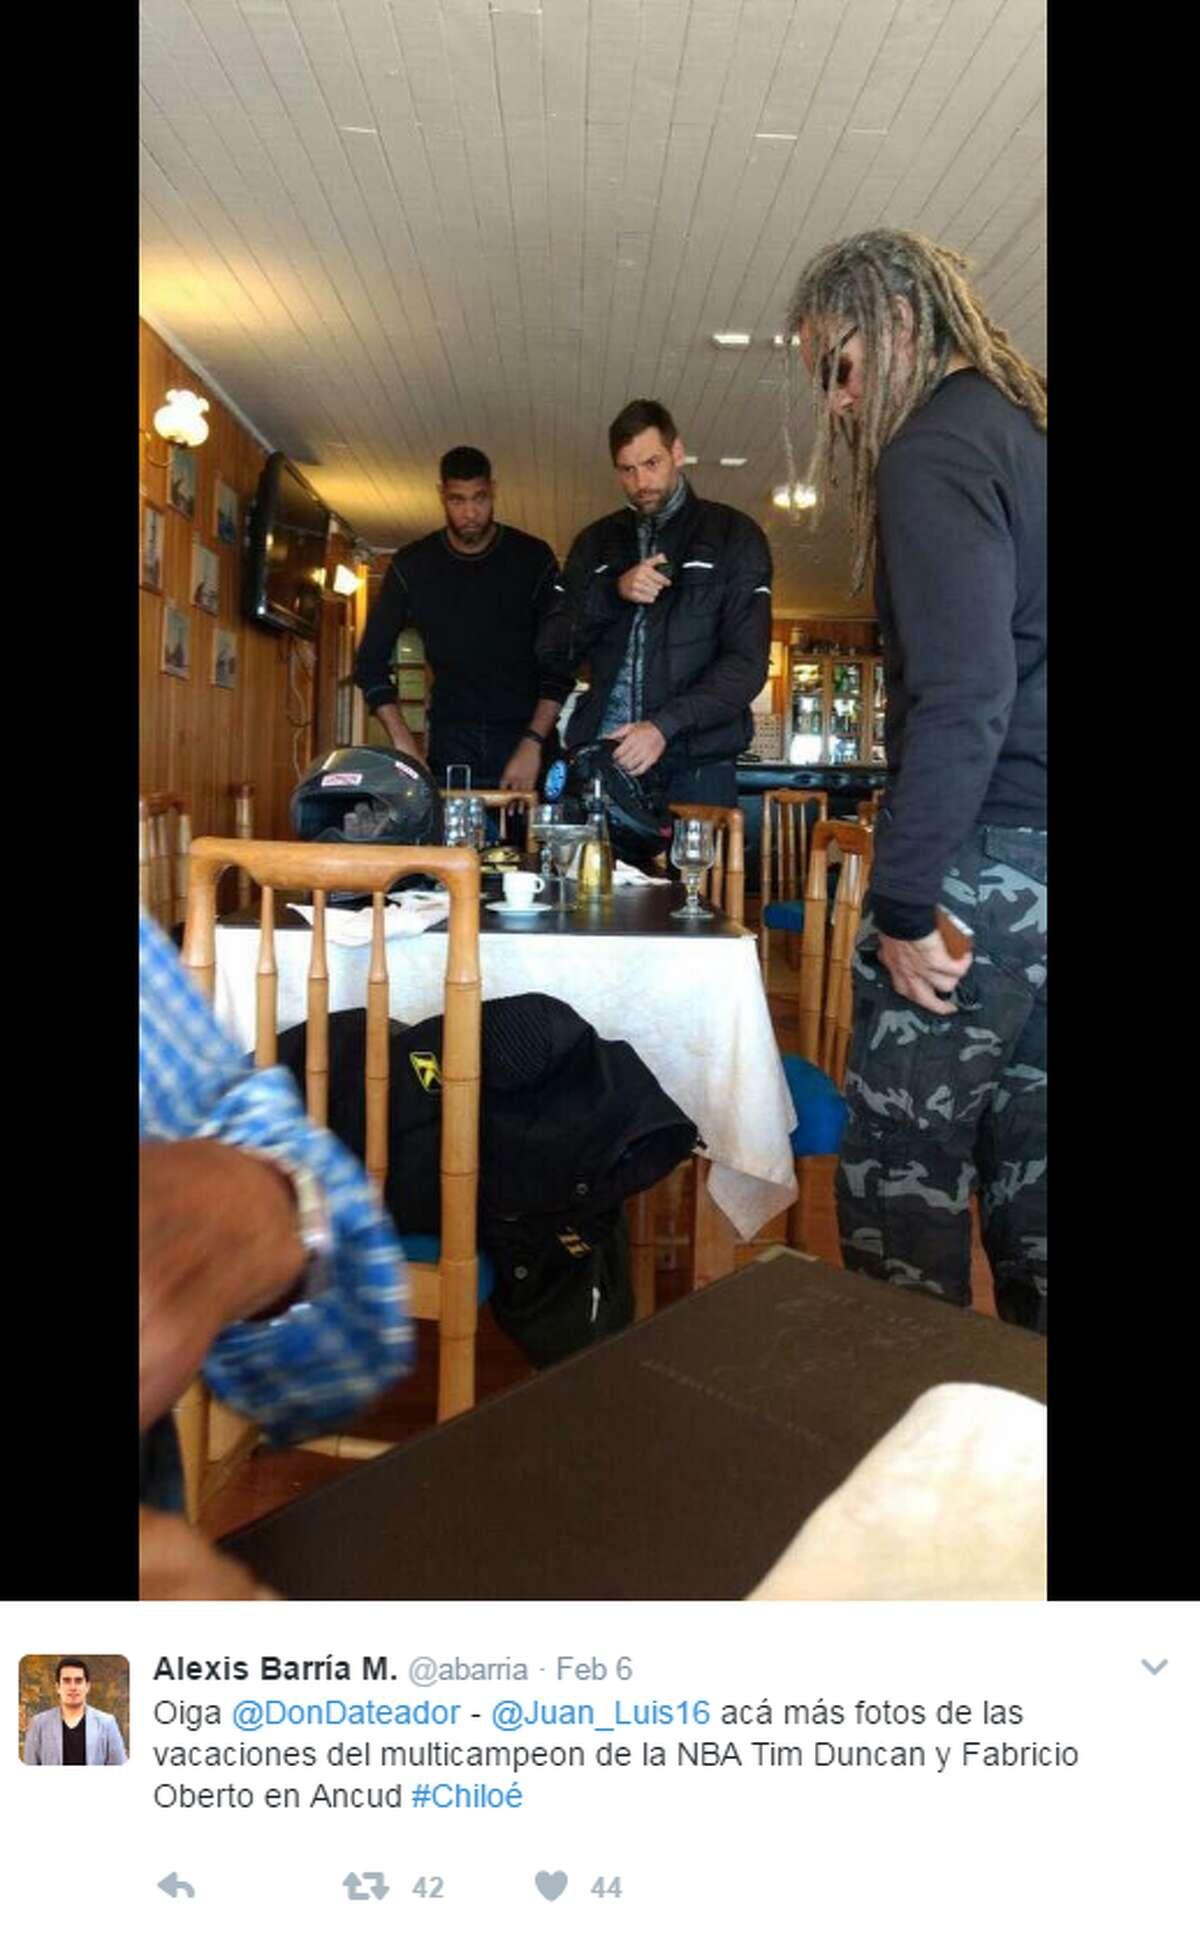 @abarria: Oiga @DonDateador - @Juan_Luis16 acá más fotos de las vacaciones del multicampeon de la NBA Tim Duncan y Fabricio Oberto en Ancud #Chiloé